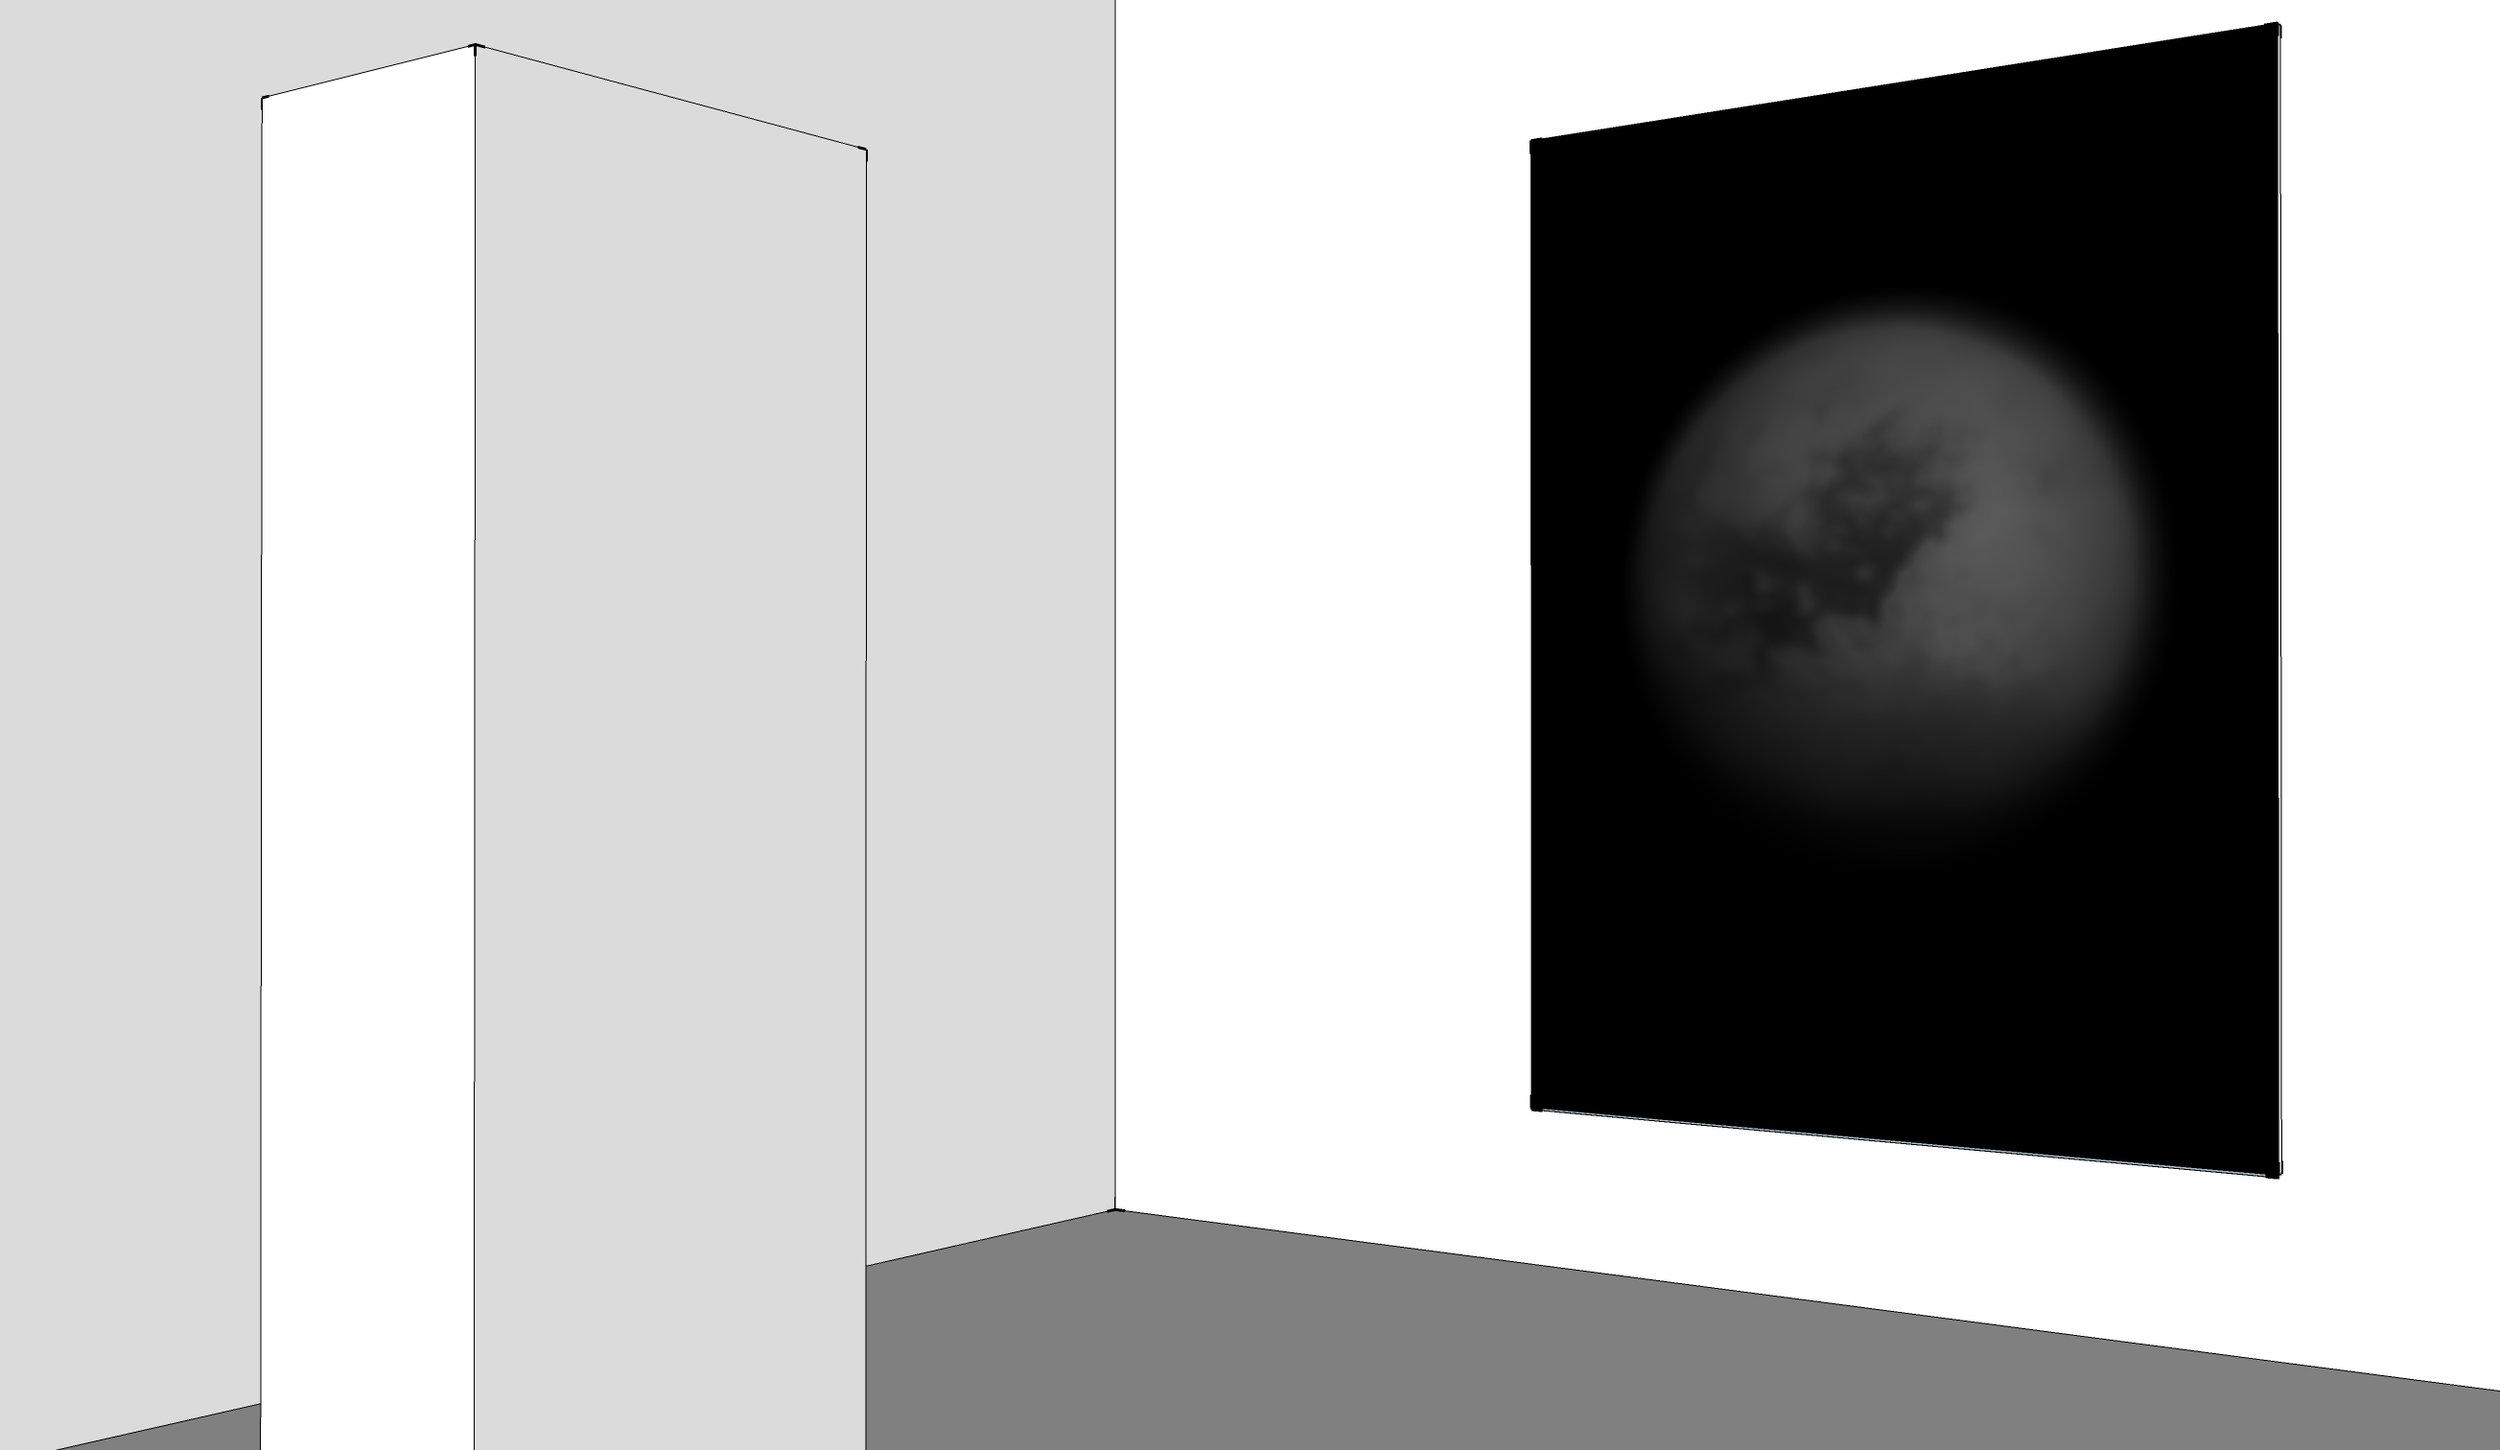 installation_sketch_facula3.jpg